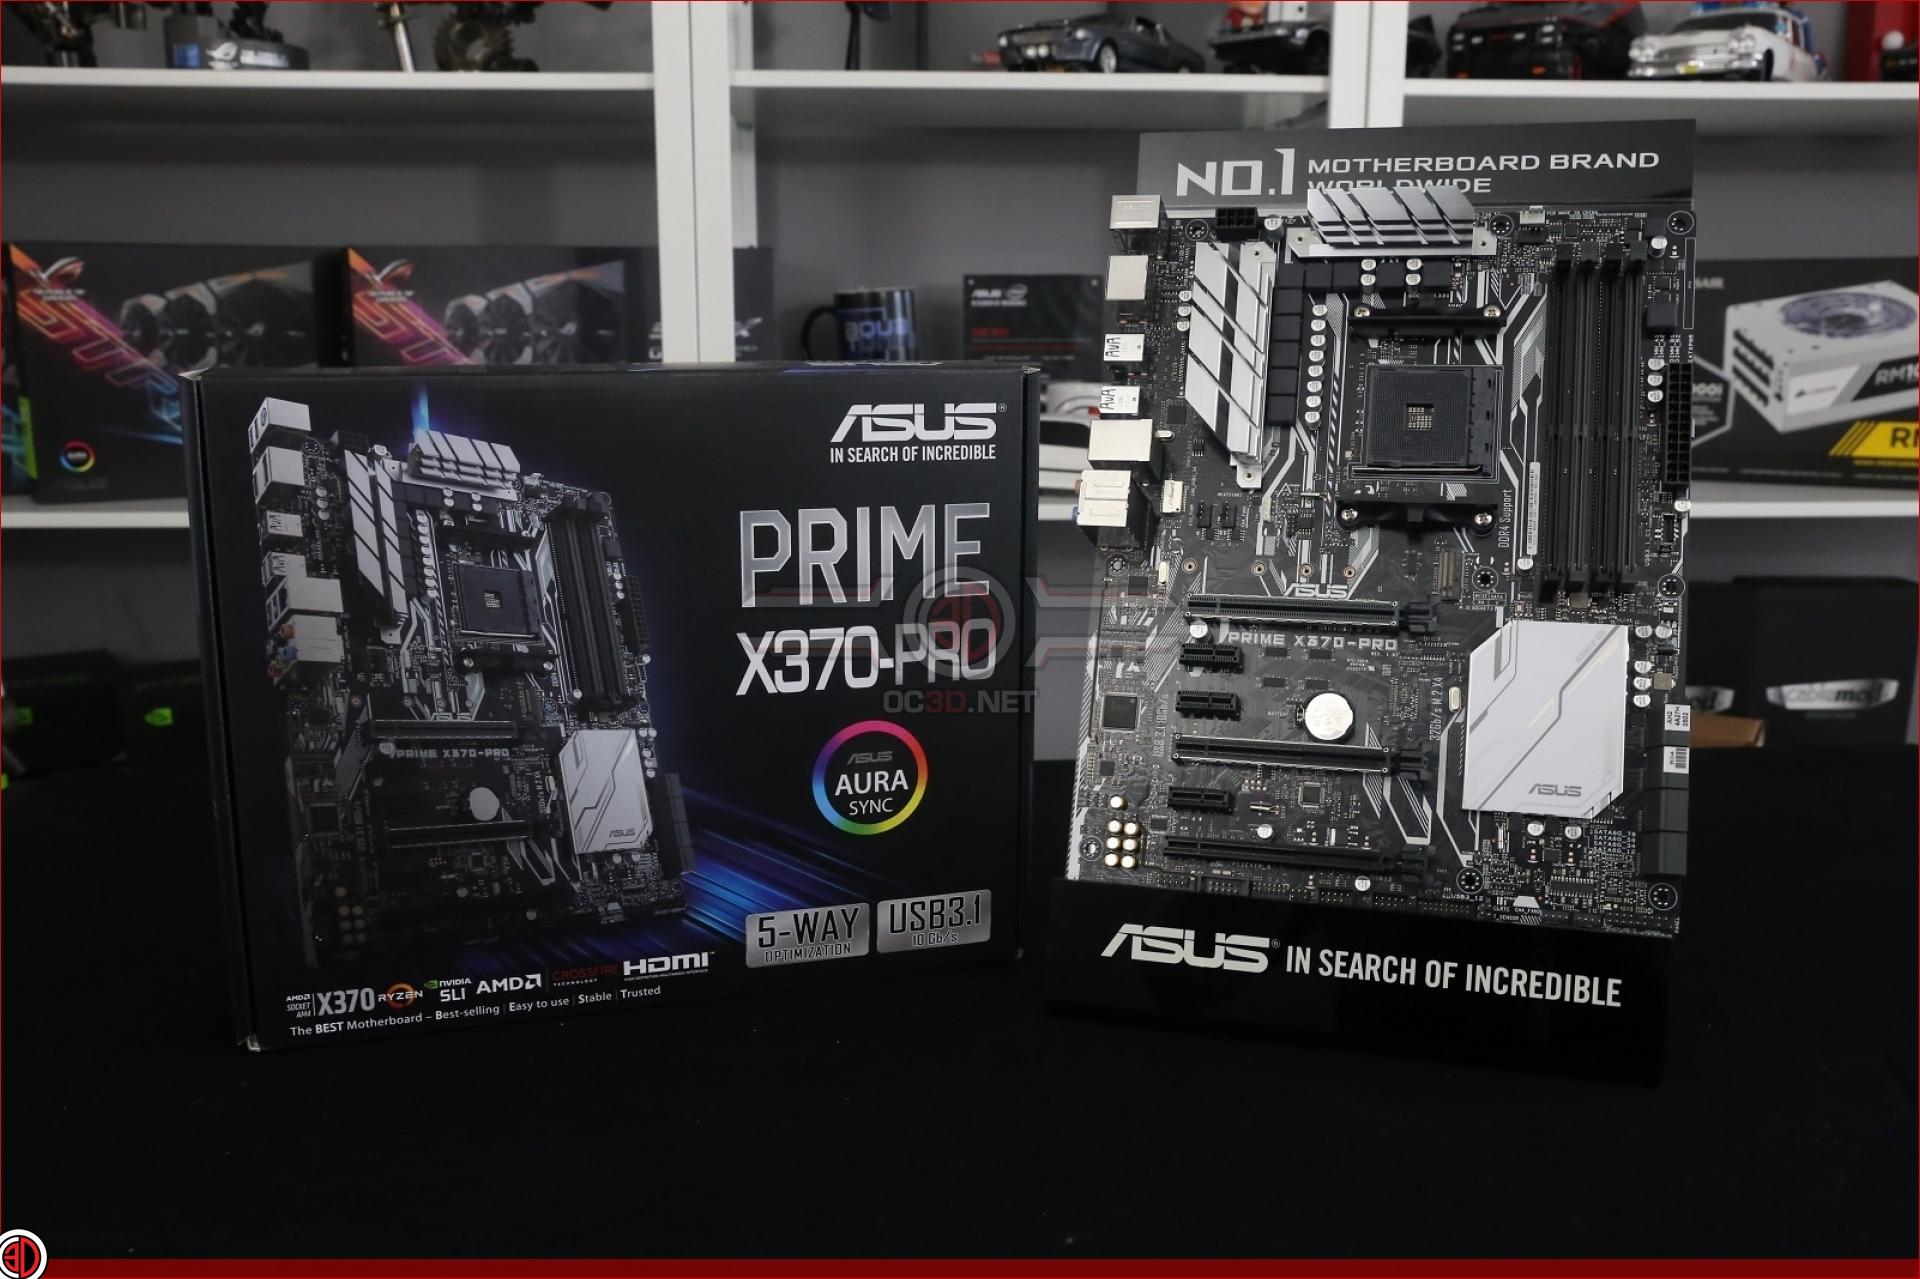 ASUS AM4 Prime X370 Pro Ryzen AM4 Preview   ASUS AM4 Prime X370 Pro